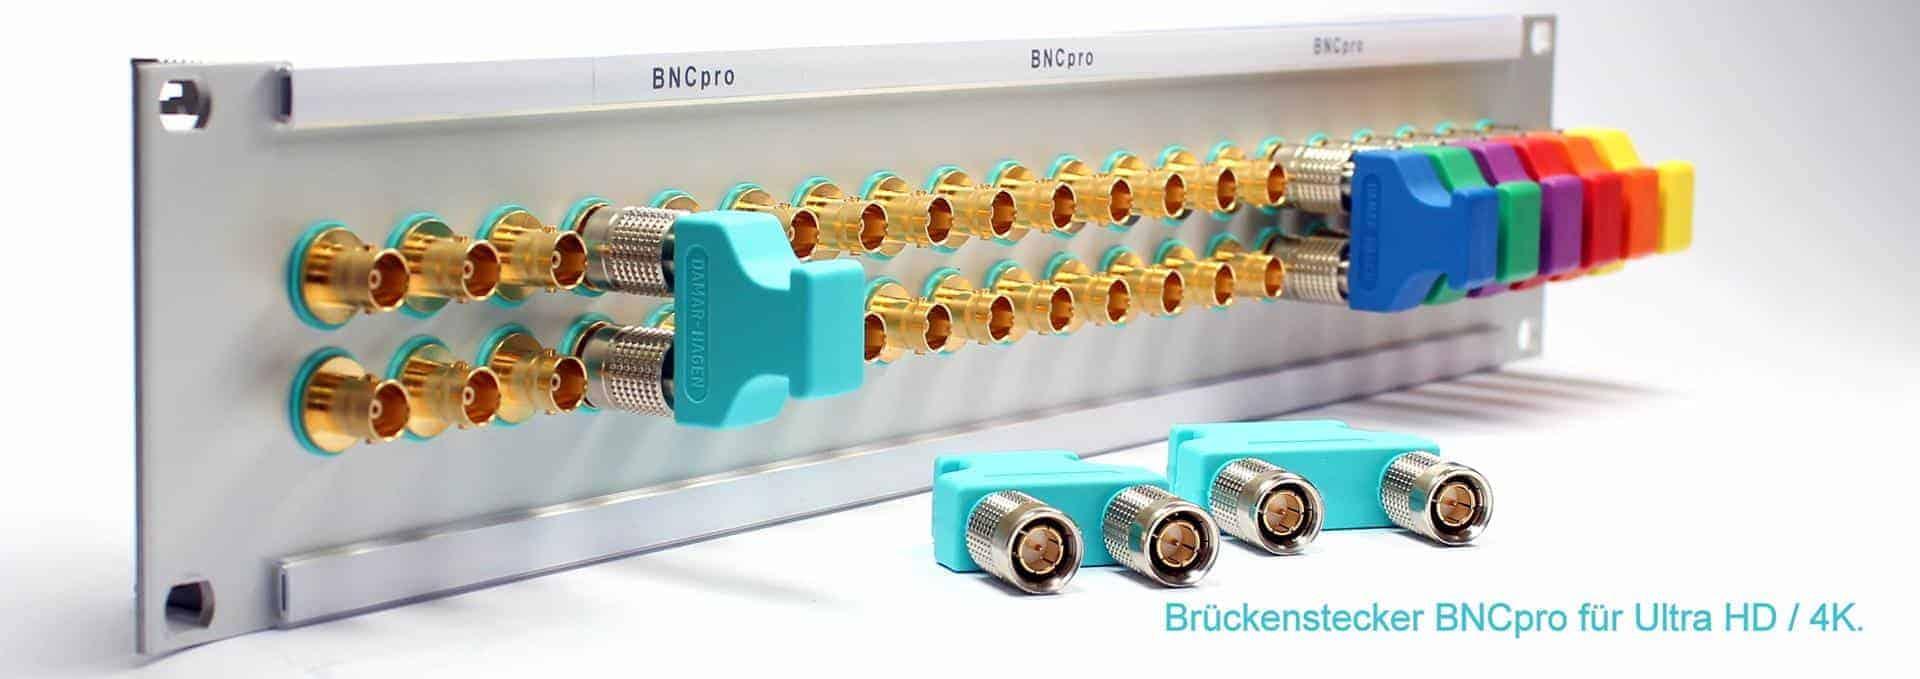 BNCpro-Brückenstecker-Slide